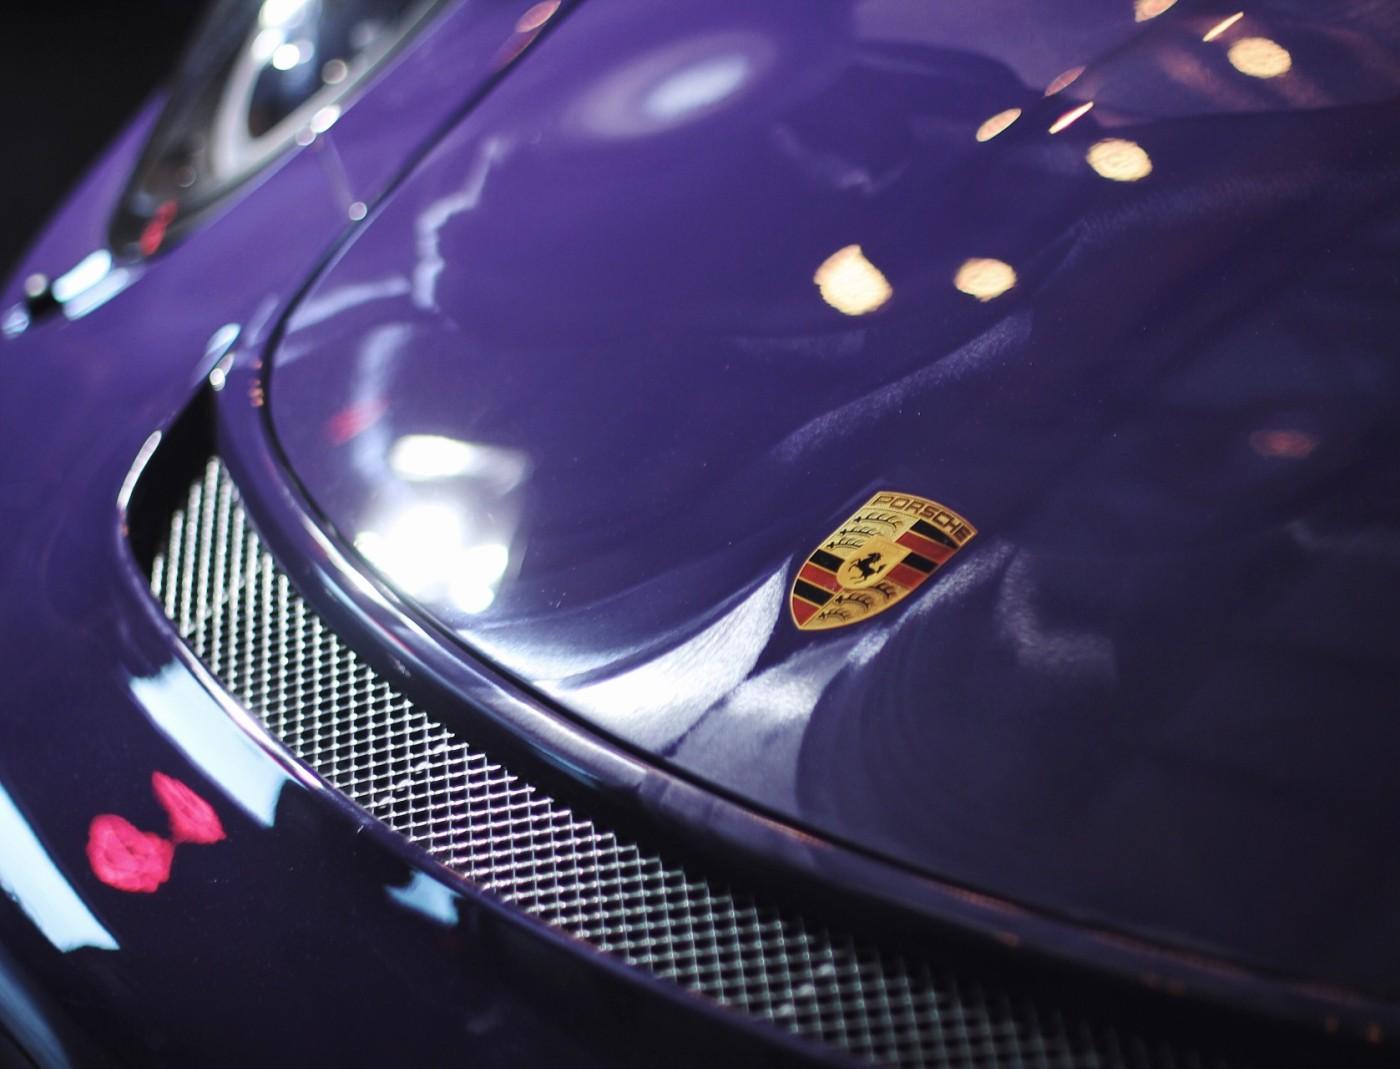 New Porsche Preparation